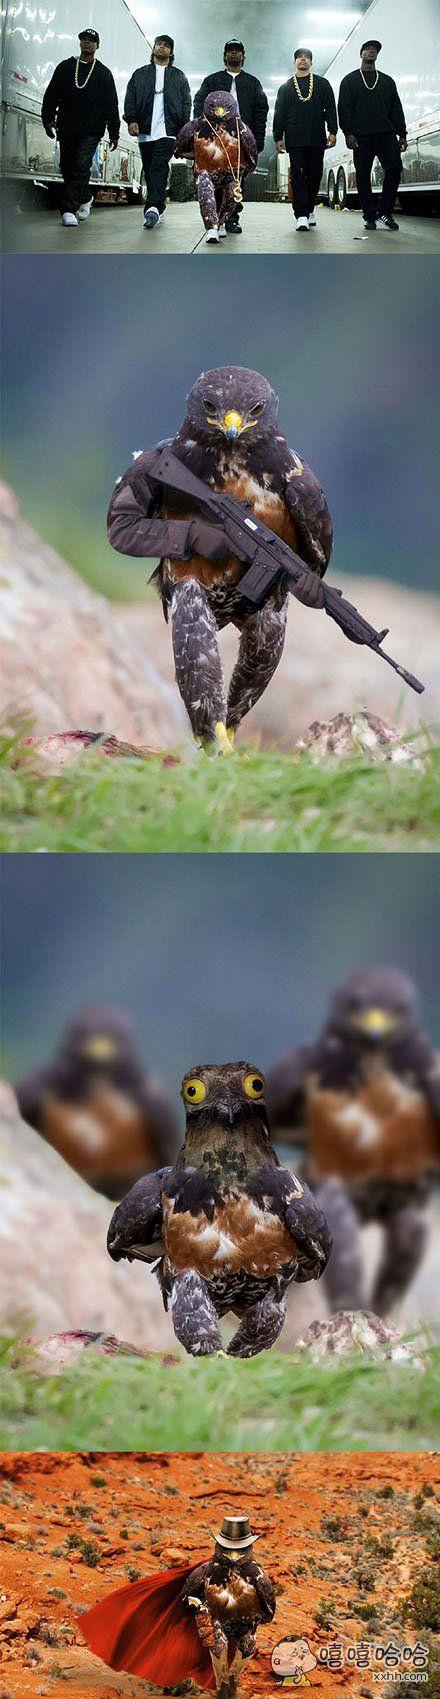 一个直立行走的鹰,又引起了歪果朋友的P图大战